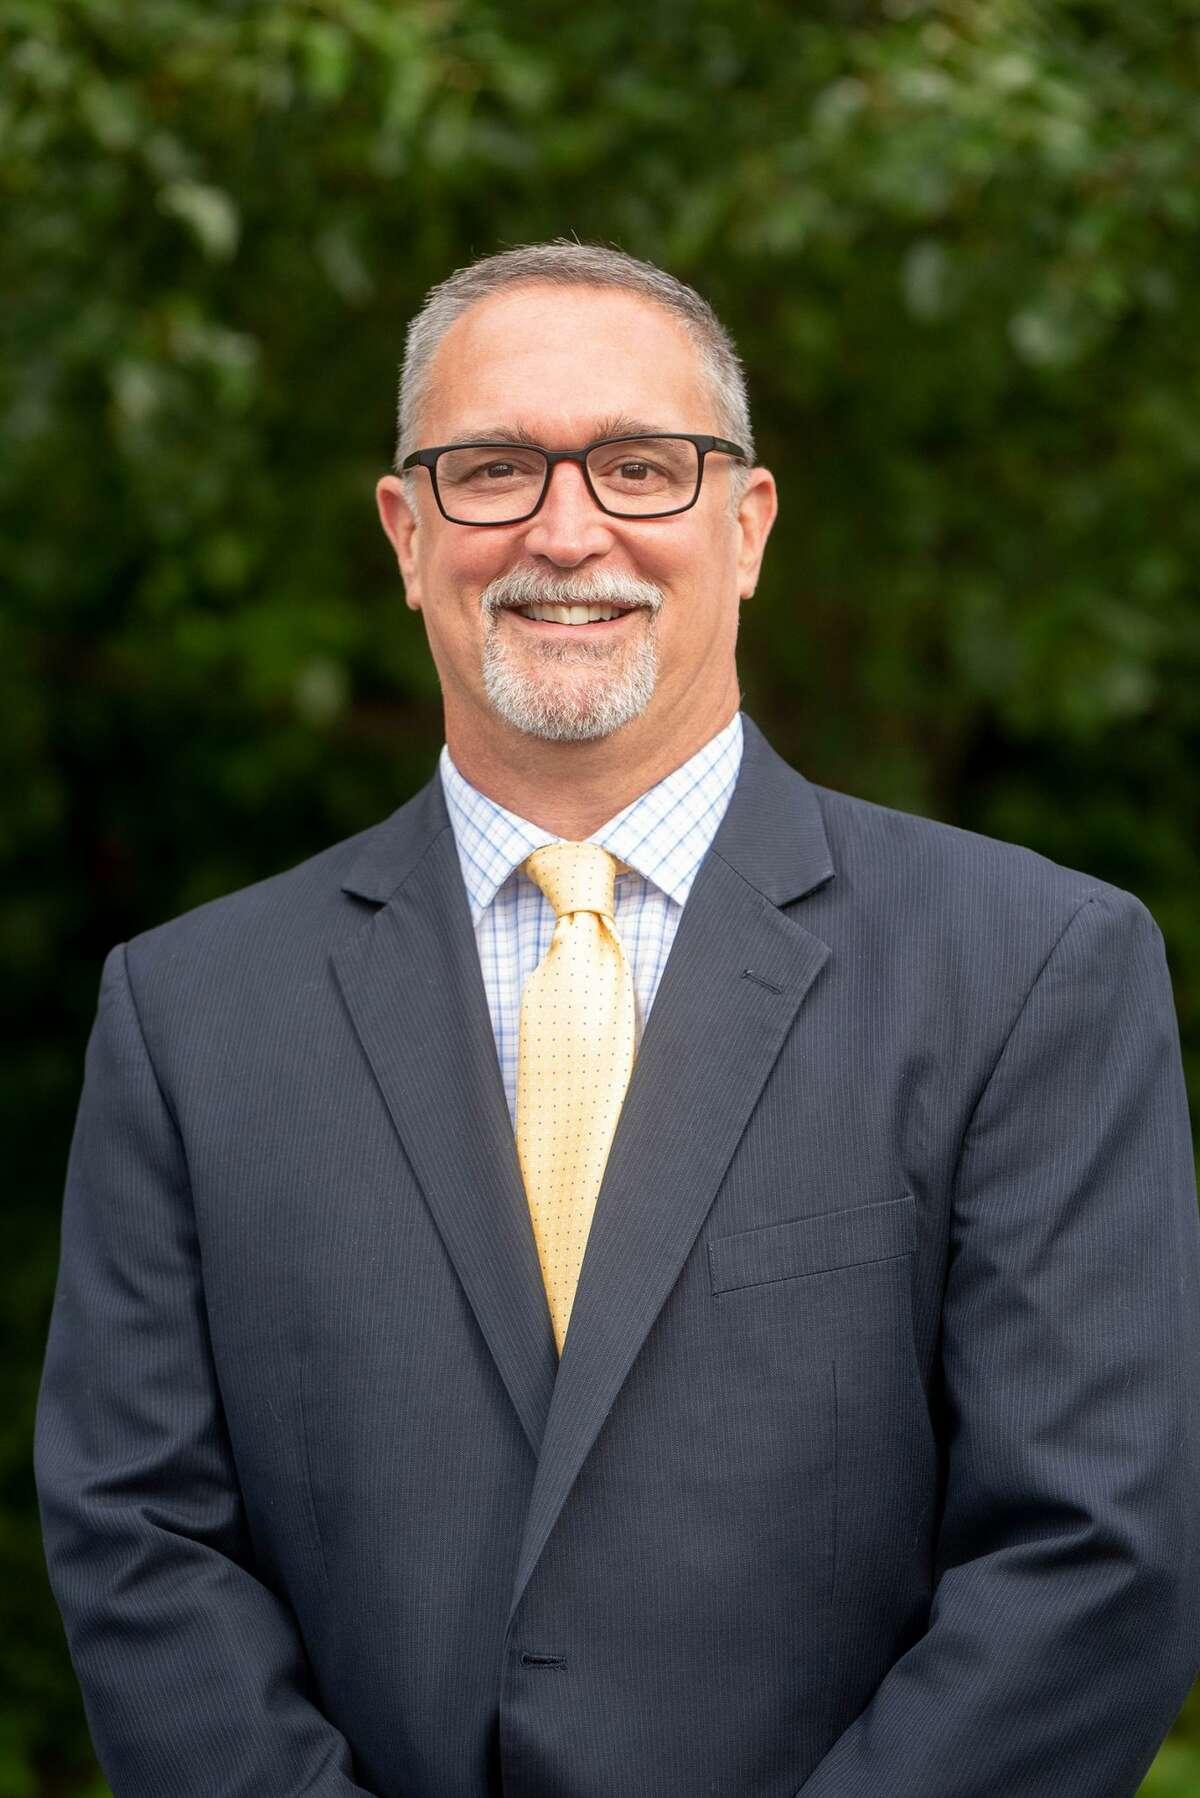 Duane J. Vaughn